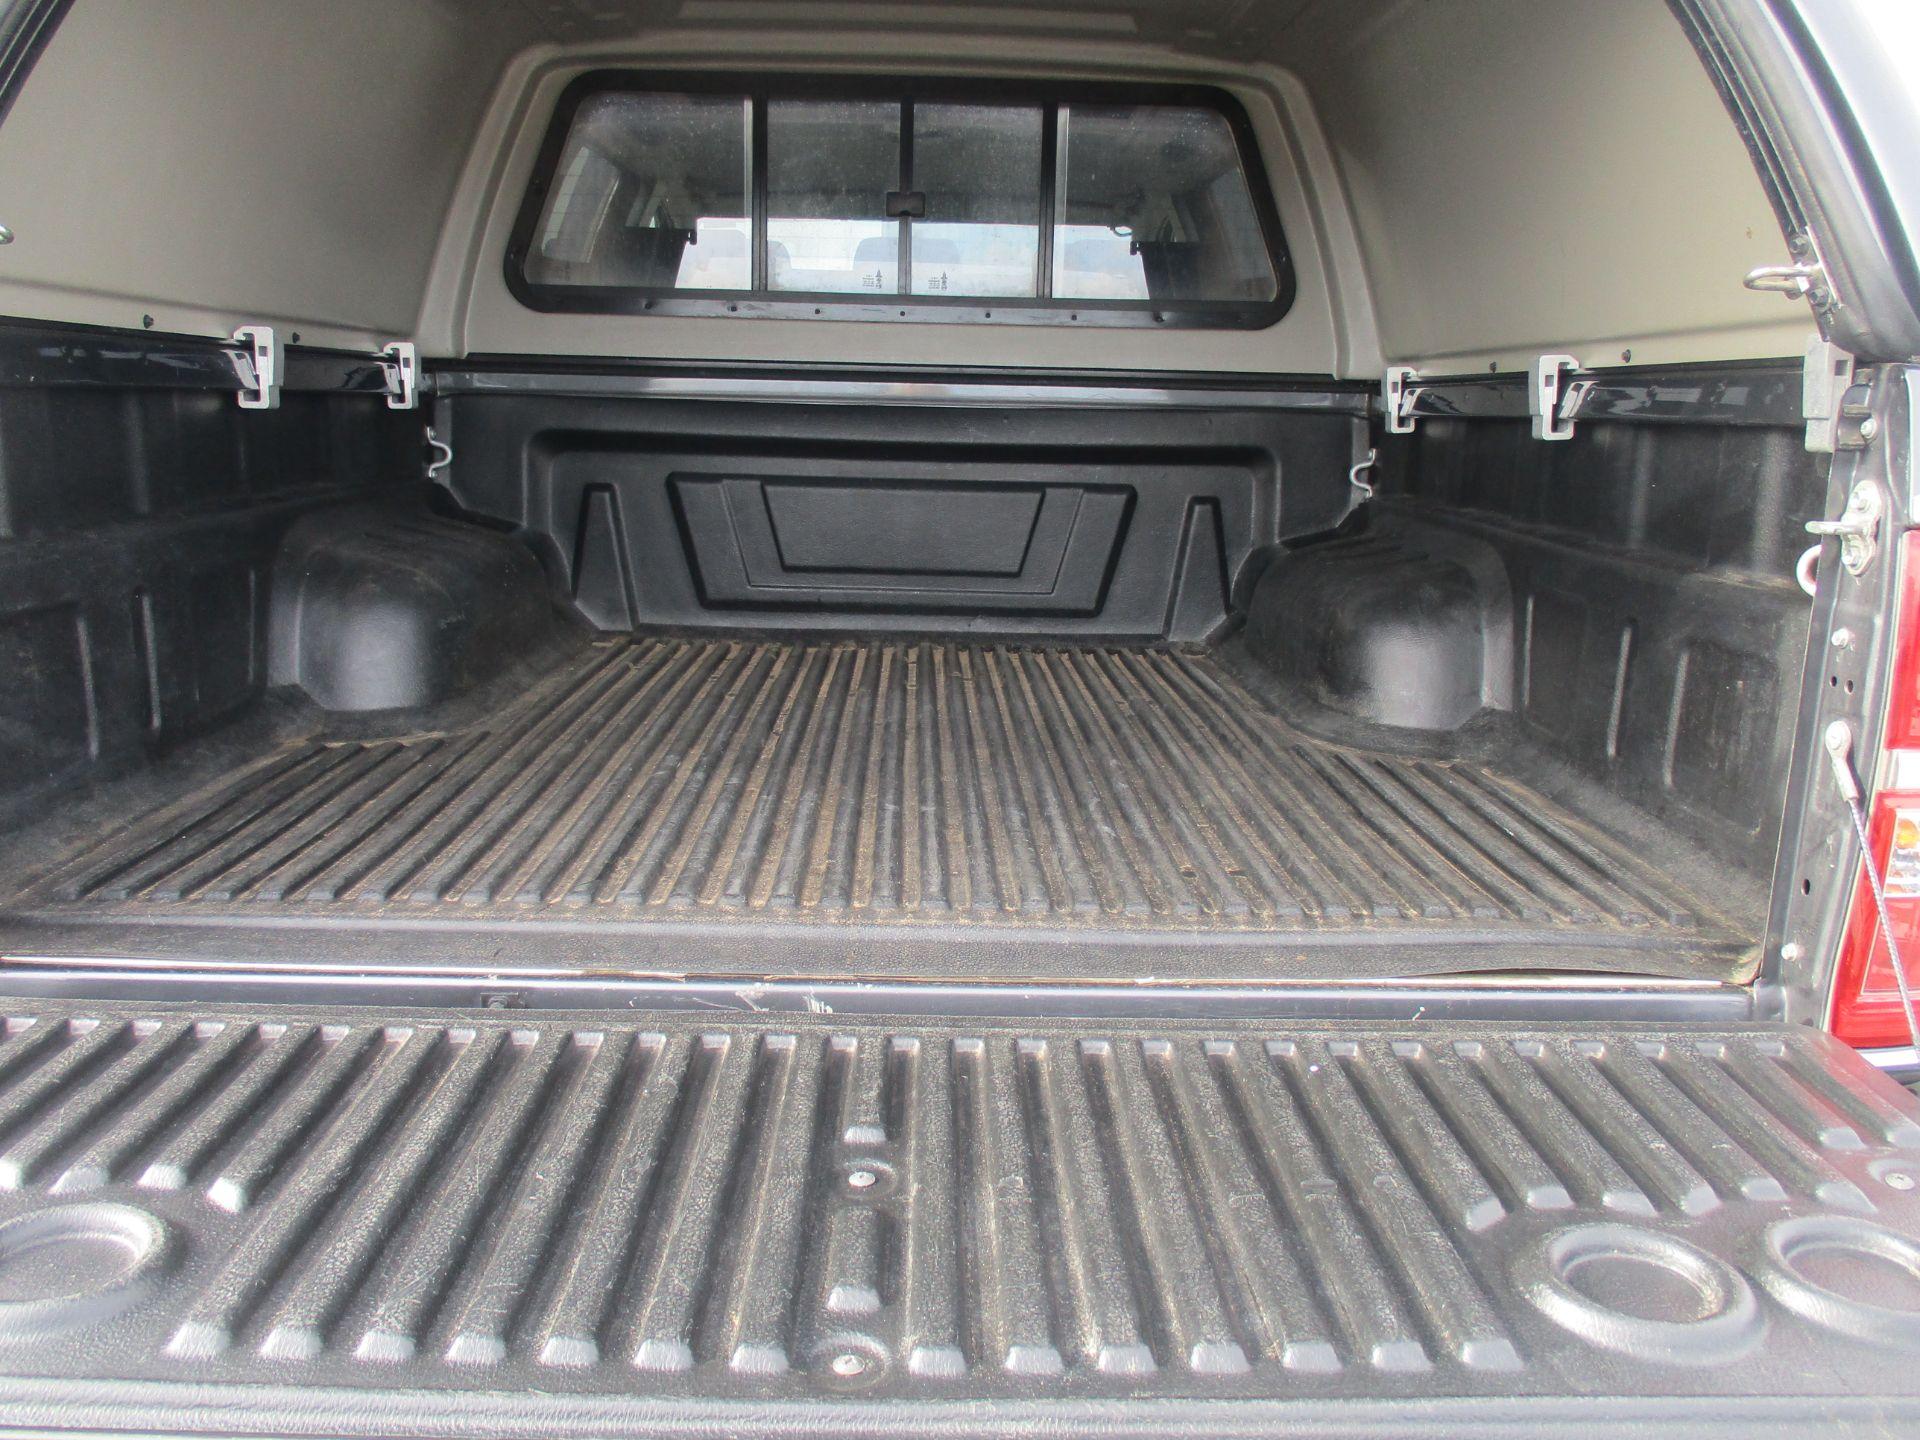 2016 Toyota Hilux DOUBLE CAB PICK UP 3.0 4WD D-4D 171 INVINCIBLE X AUTO. SAT NAV. AIR CON (NV16PVU) Image 10